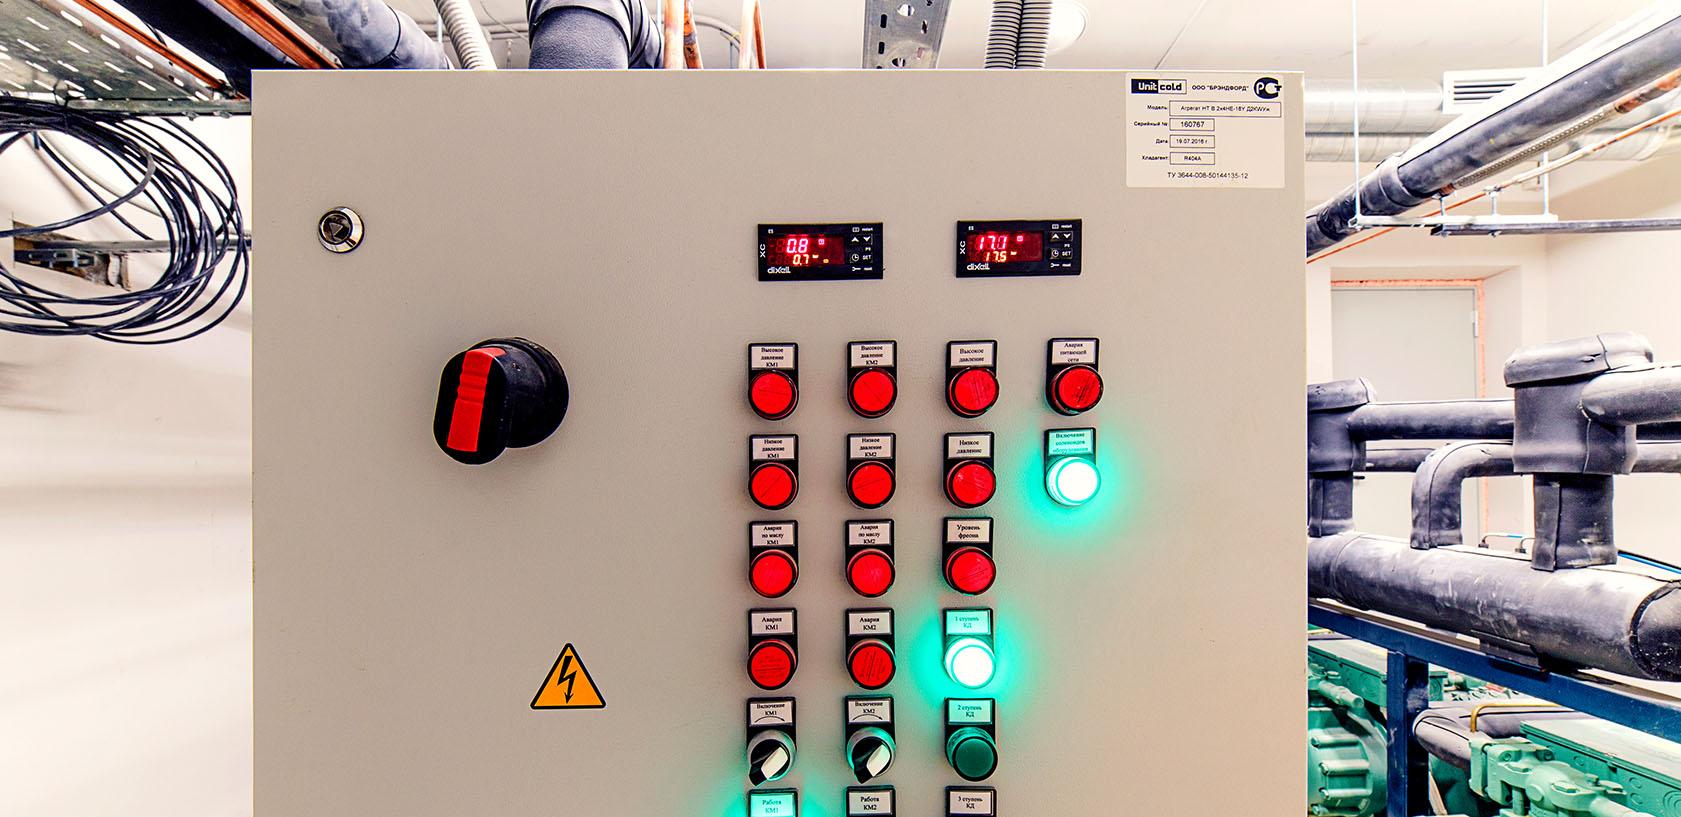 Блок управления холодильным управлением в магазине  Зеленый перекресток Ярославль